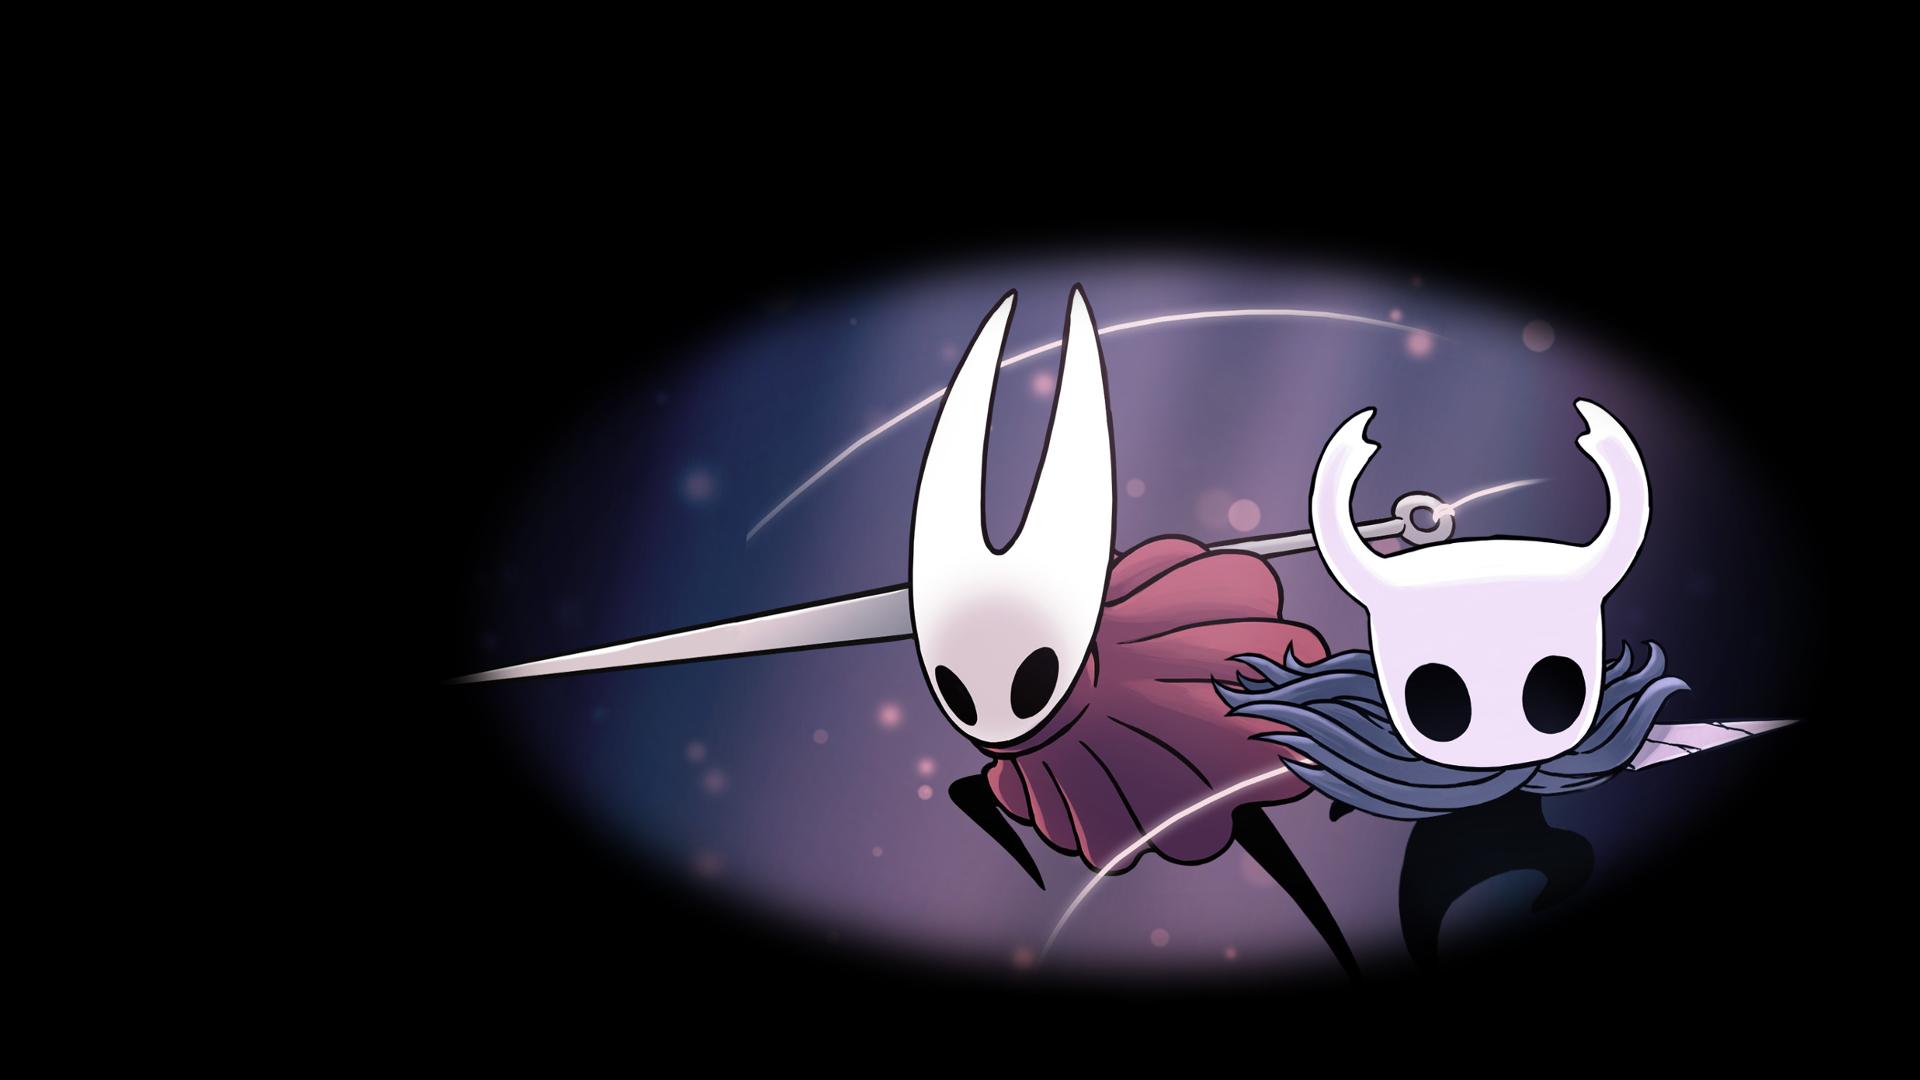 سی دی کی اریجینال استیم بازی Hollow Knight